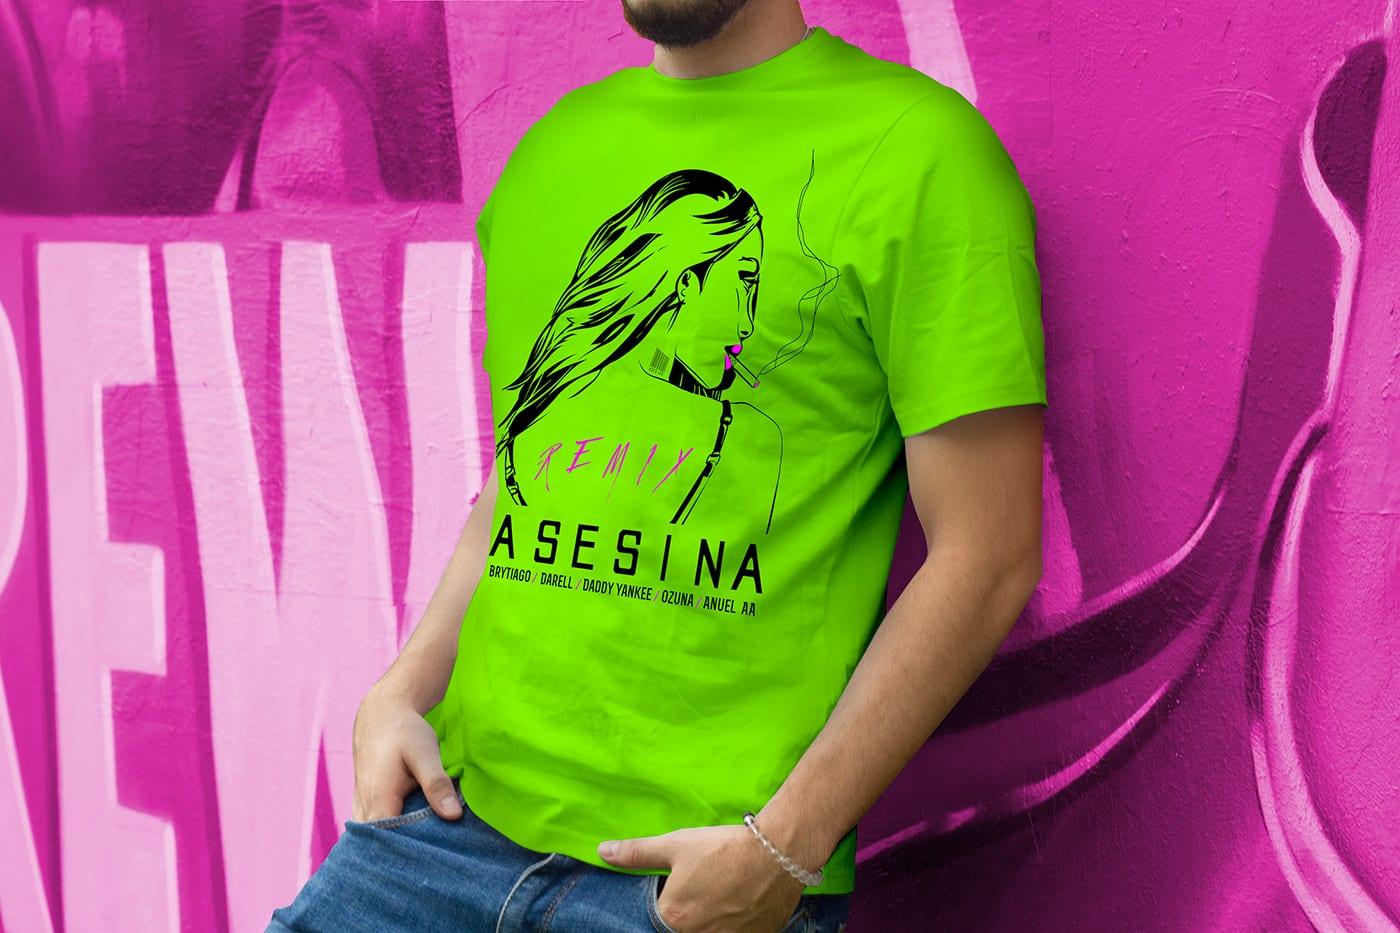 camiseta verde limón asesina 2heart